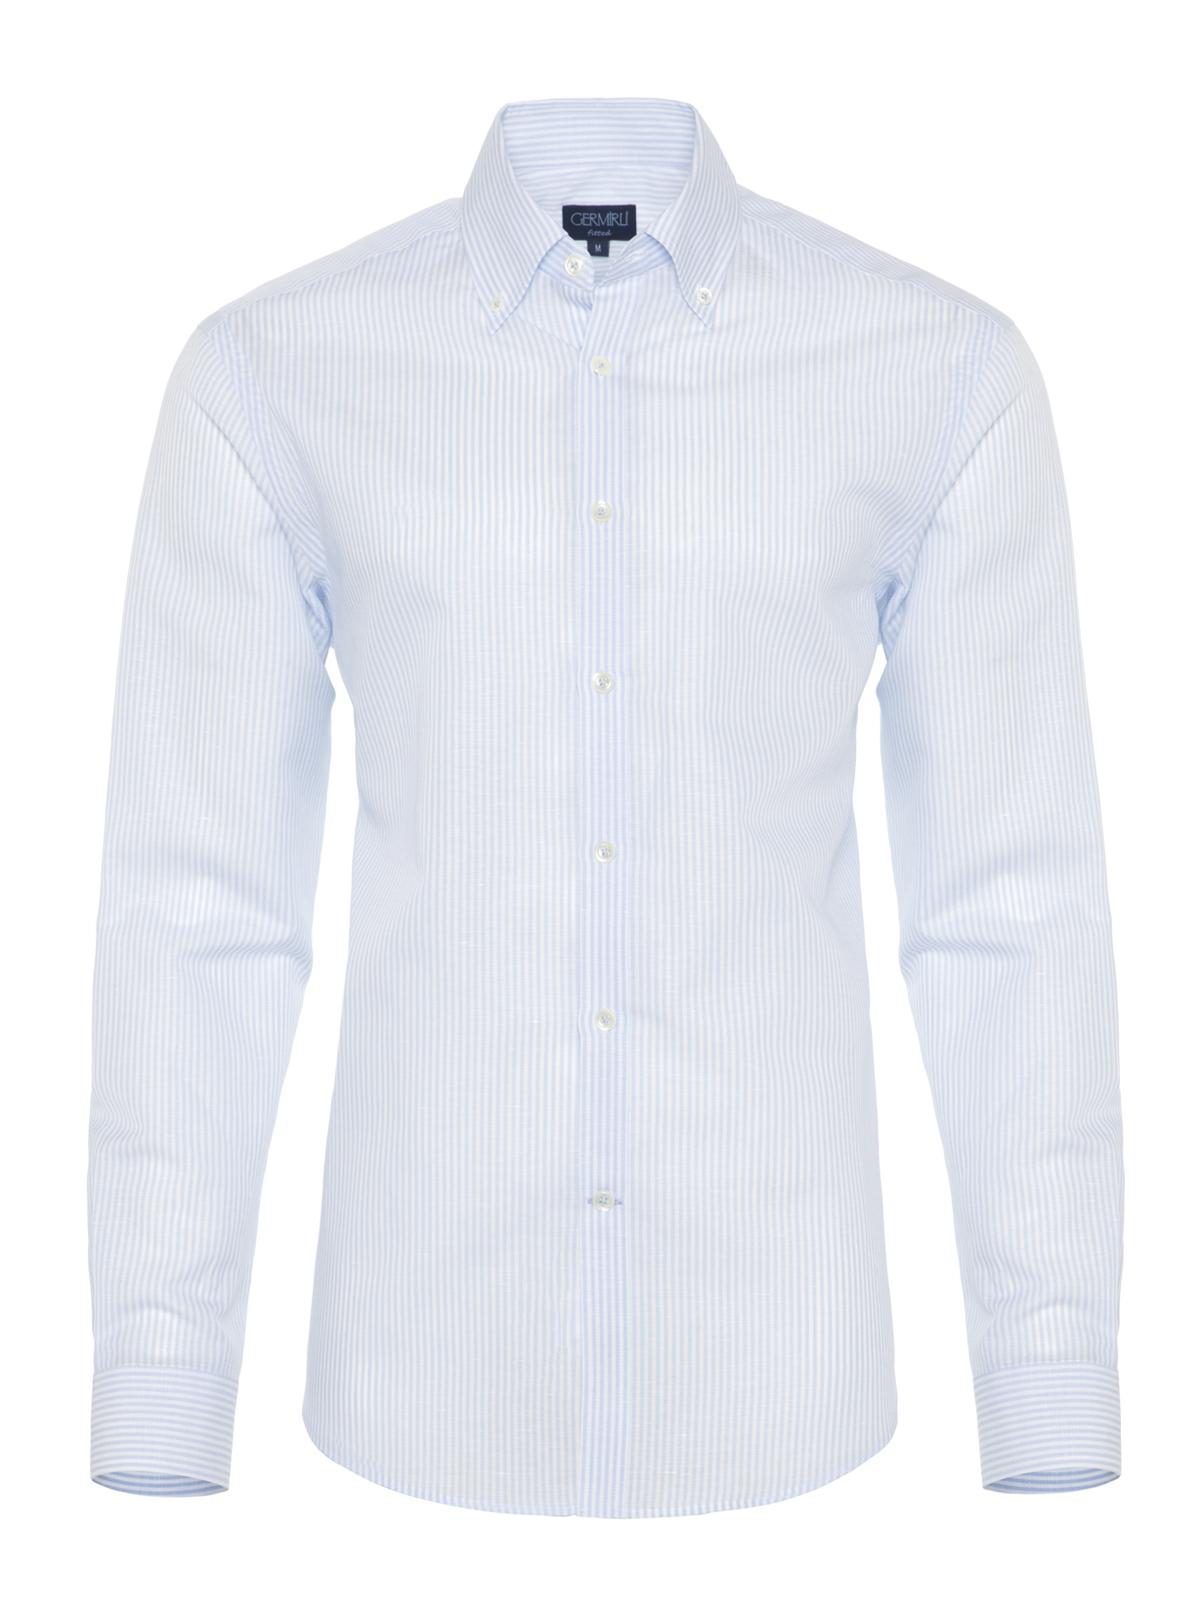 Germirli Mavi Beyaz Ince Çizgili Keten Düğmeli Yaka Tailor Fit Gömlek